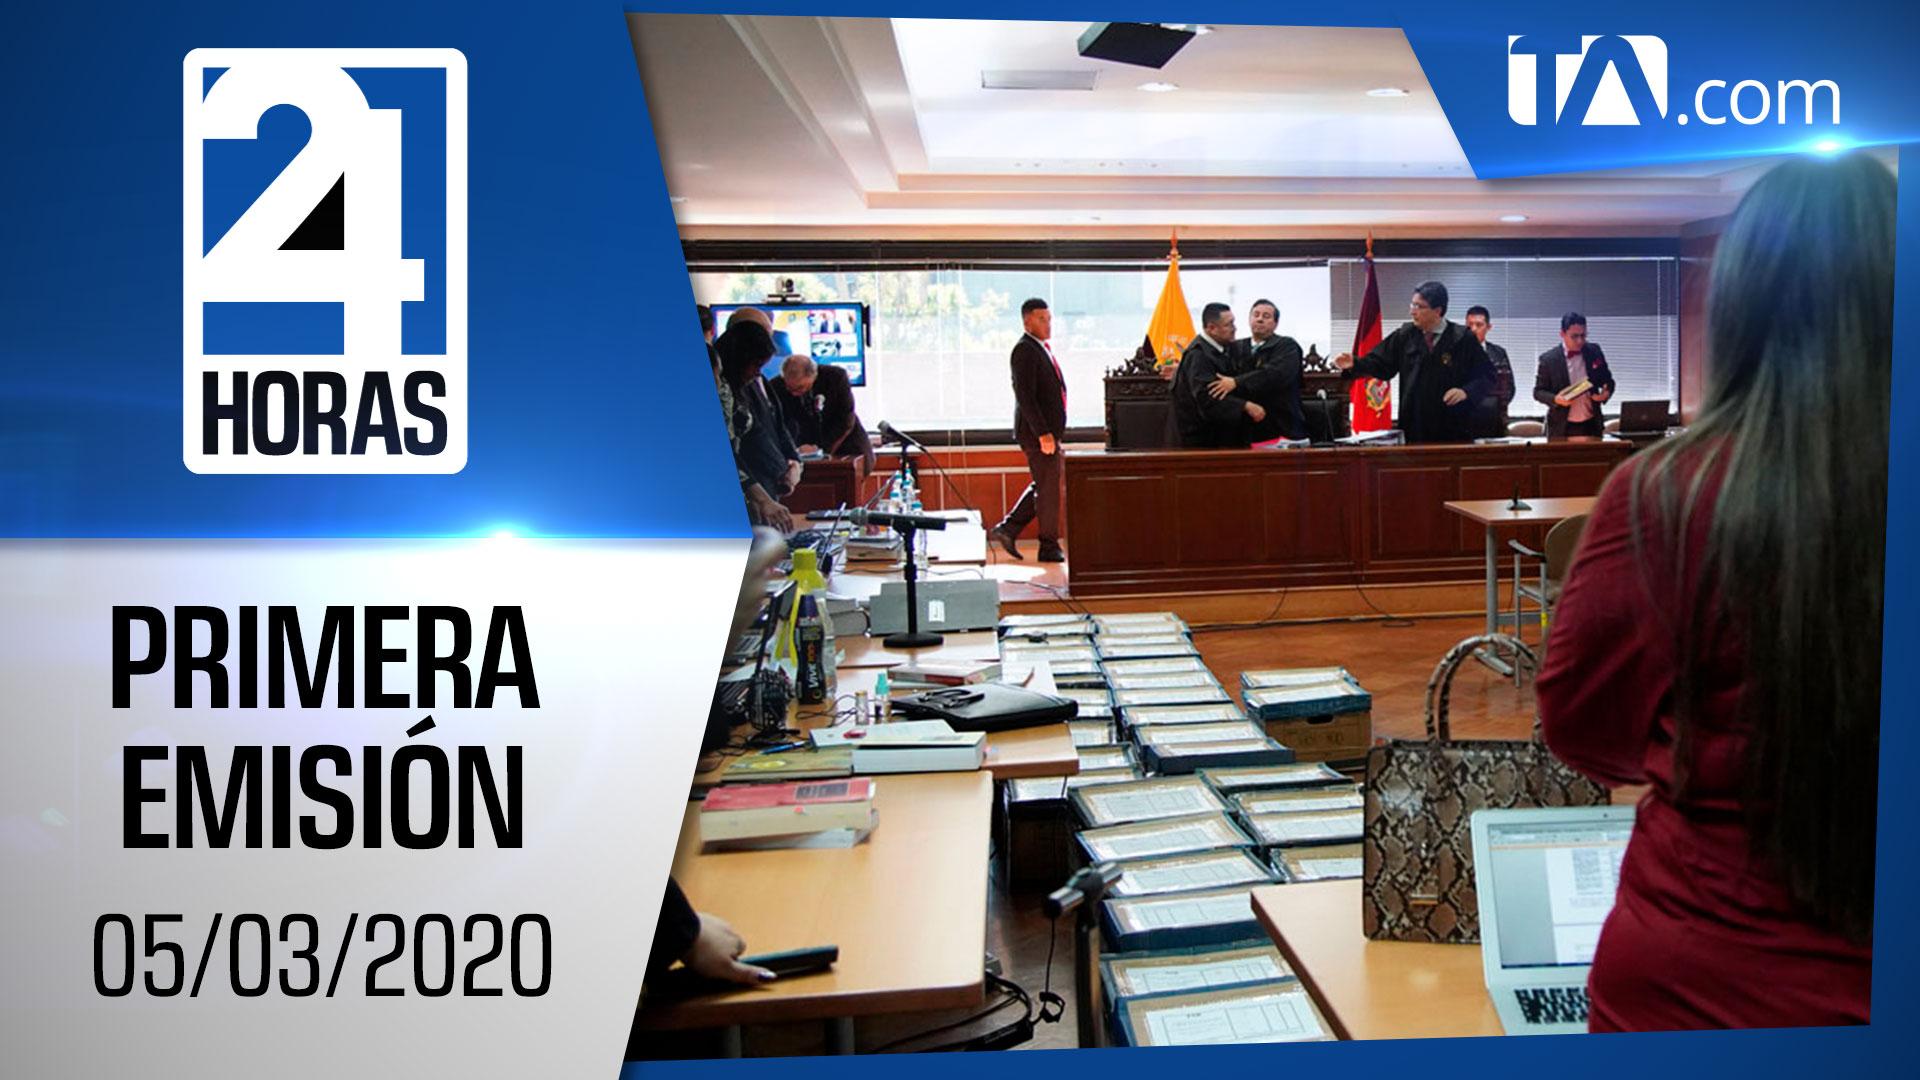 Noticias Ecuador: Noticiero 24 horas 05/03/2020 (Primera Emisión)